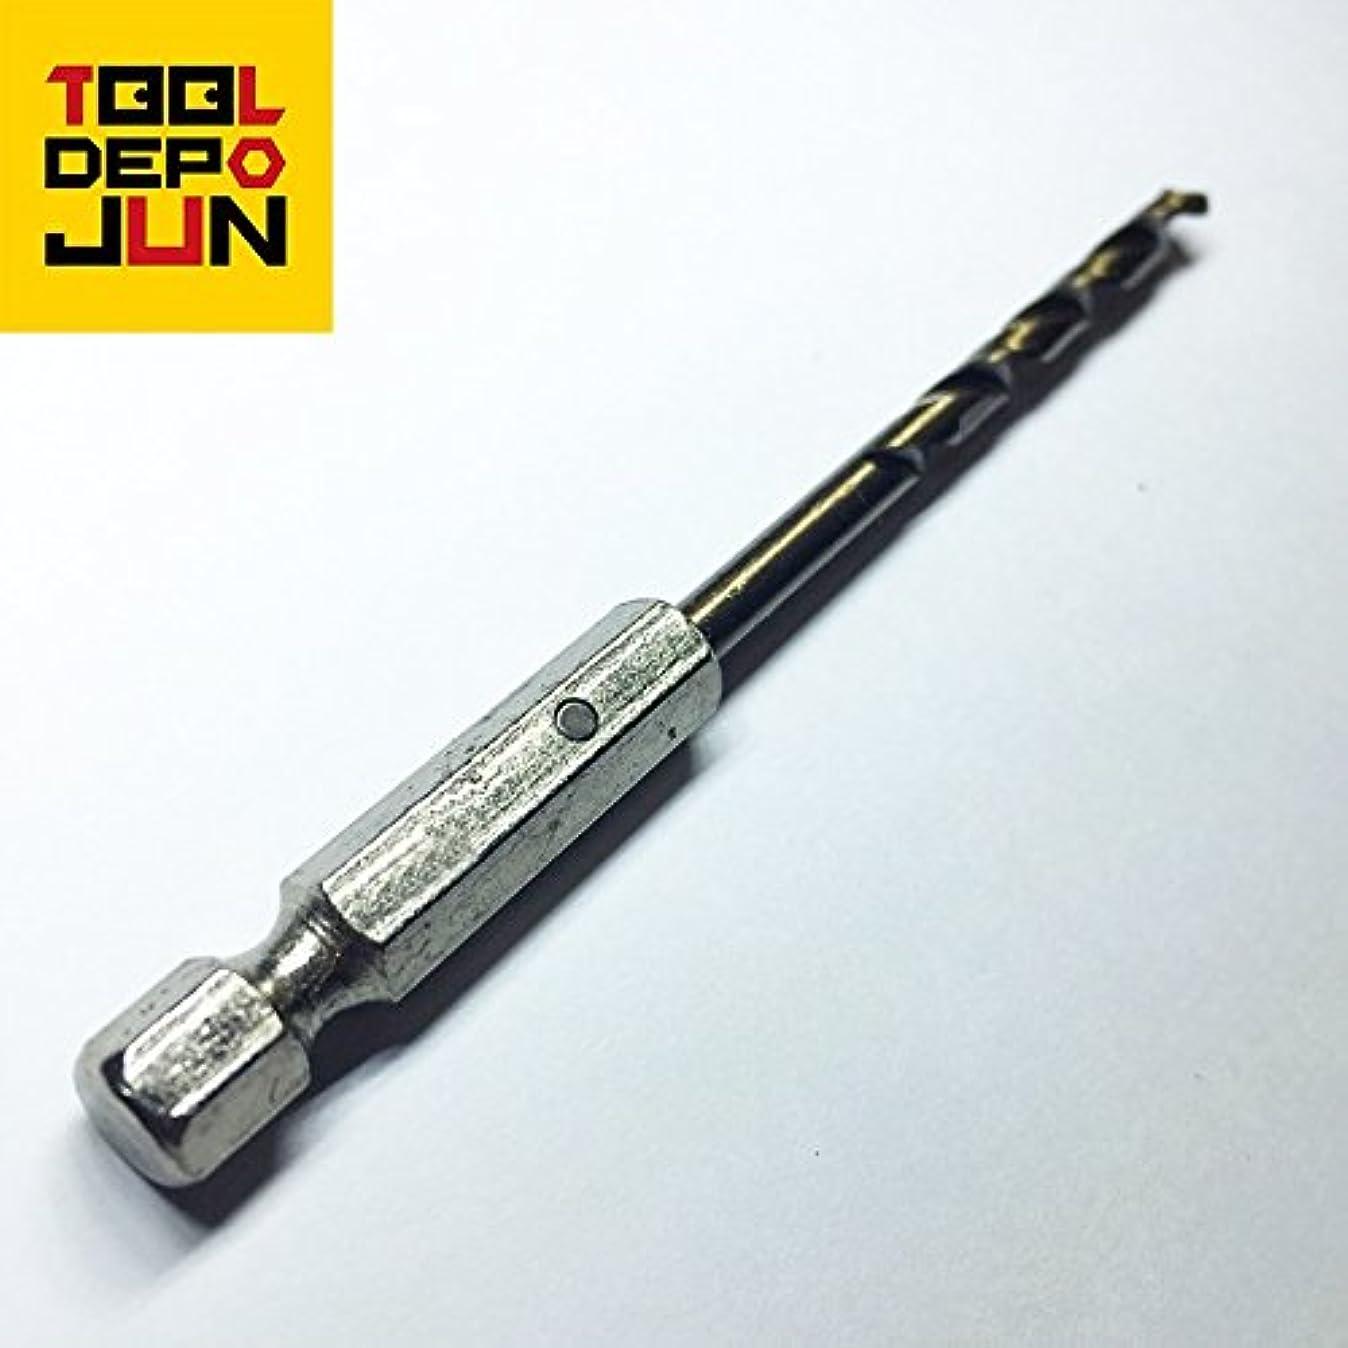 ペンス啓発する粘り強い特価品!!六角軸鉄工用ストレートドリル 3.5mm